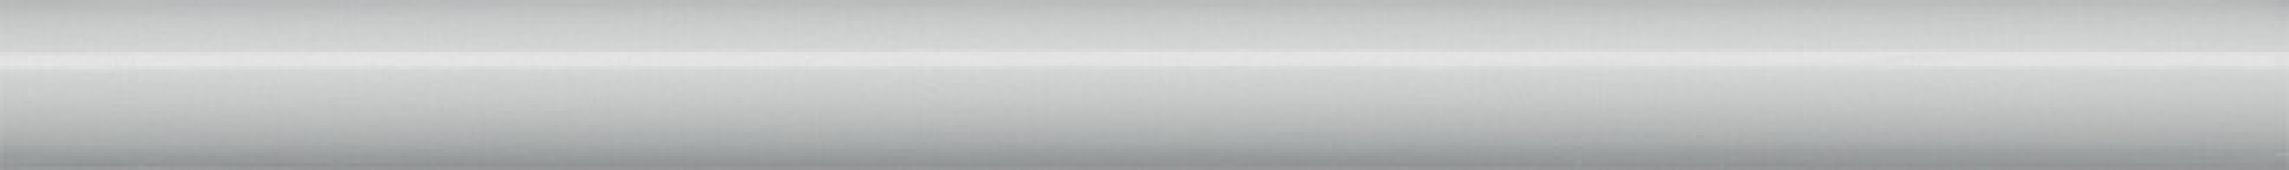 SPA021R Марсо белый обрезной 30*2.5 керамический бордюр